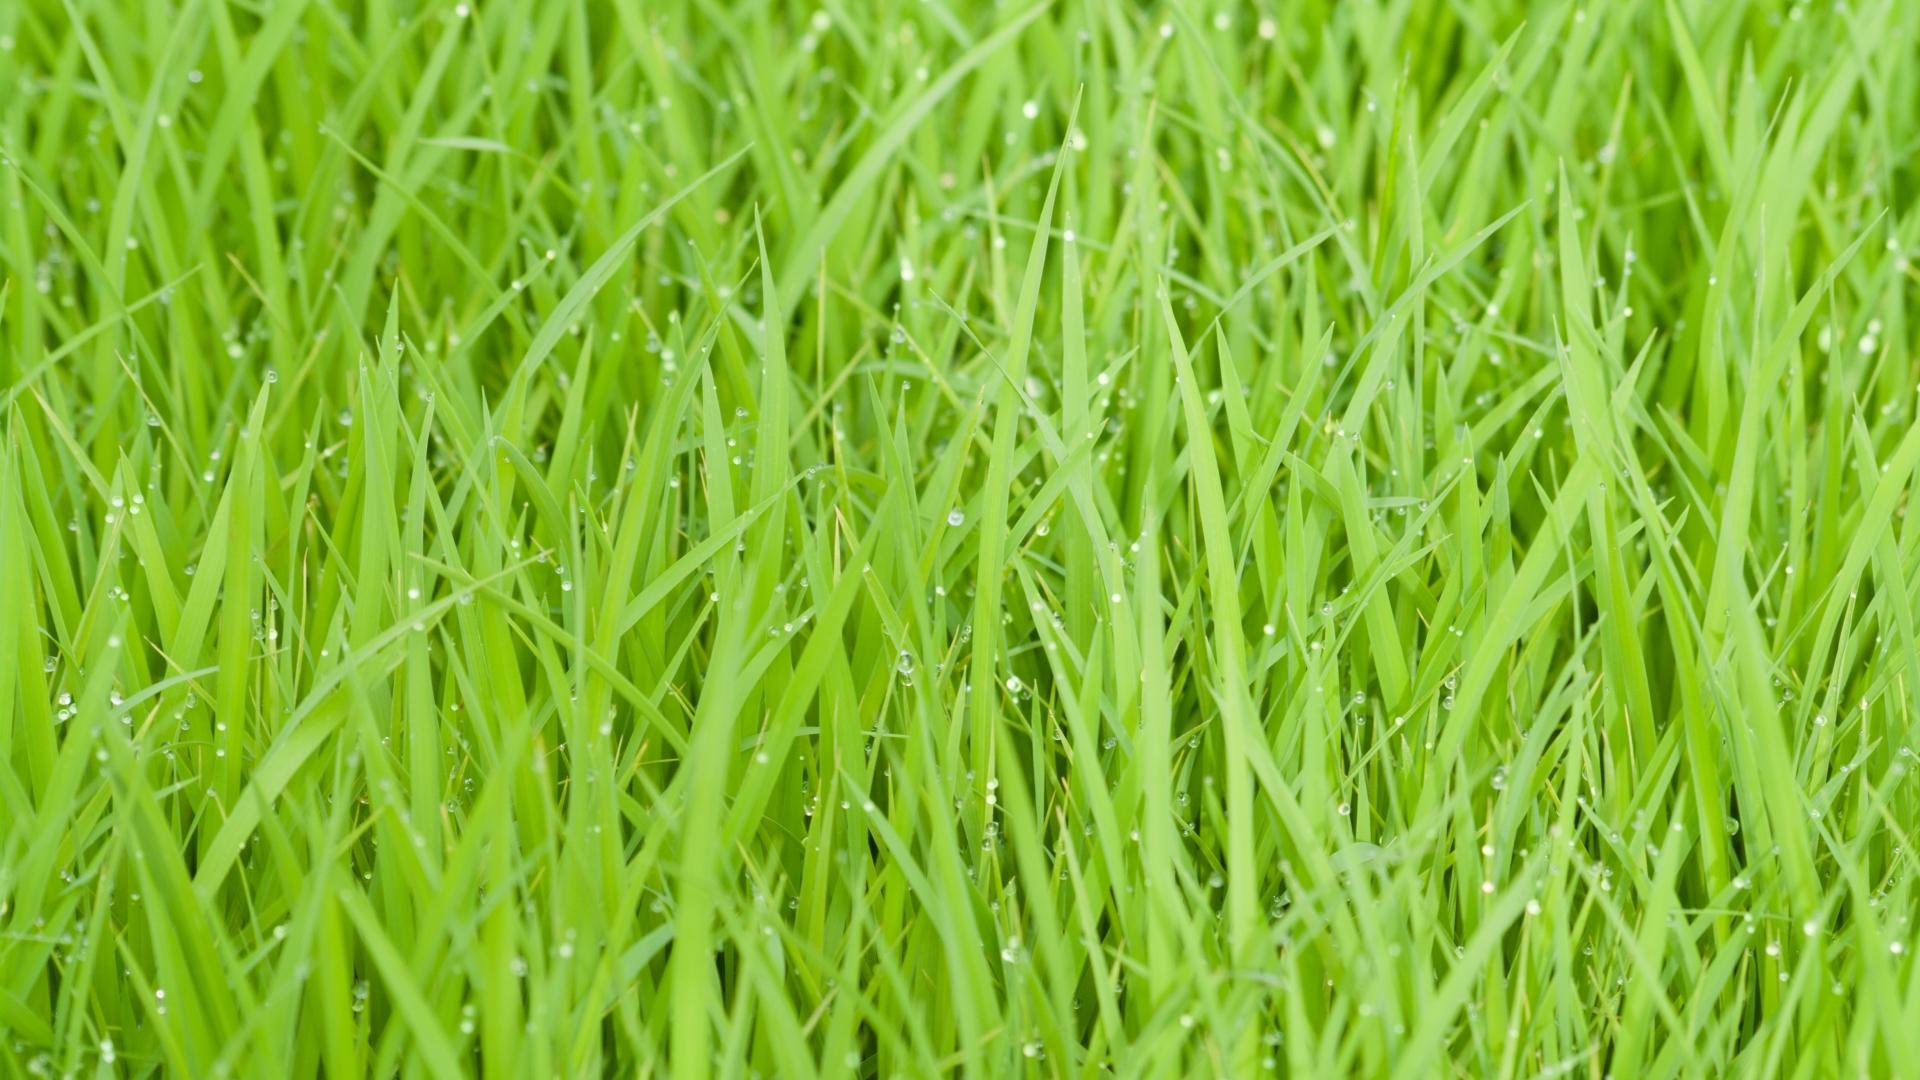 1920x1080 Rice Fields Green Grass 1080p Laptop Full Hd Wallpaper